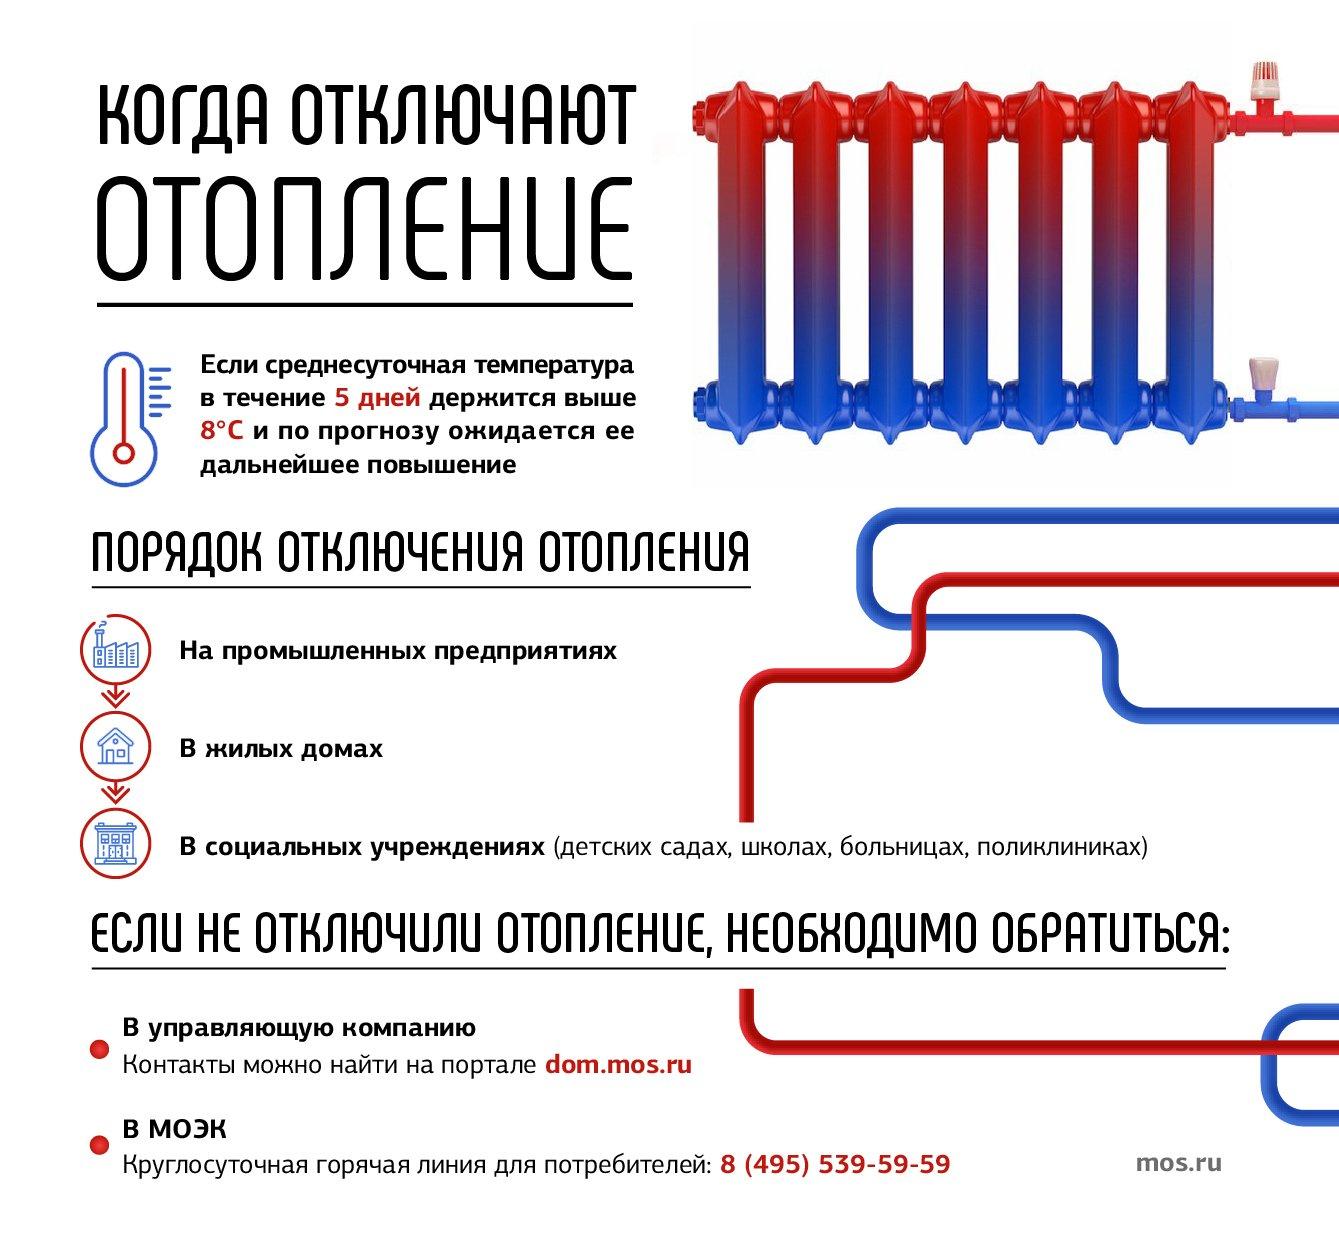 Когда включат отопление в москве в 2020 году?